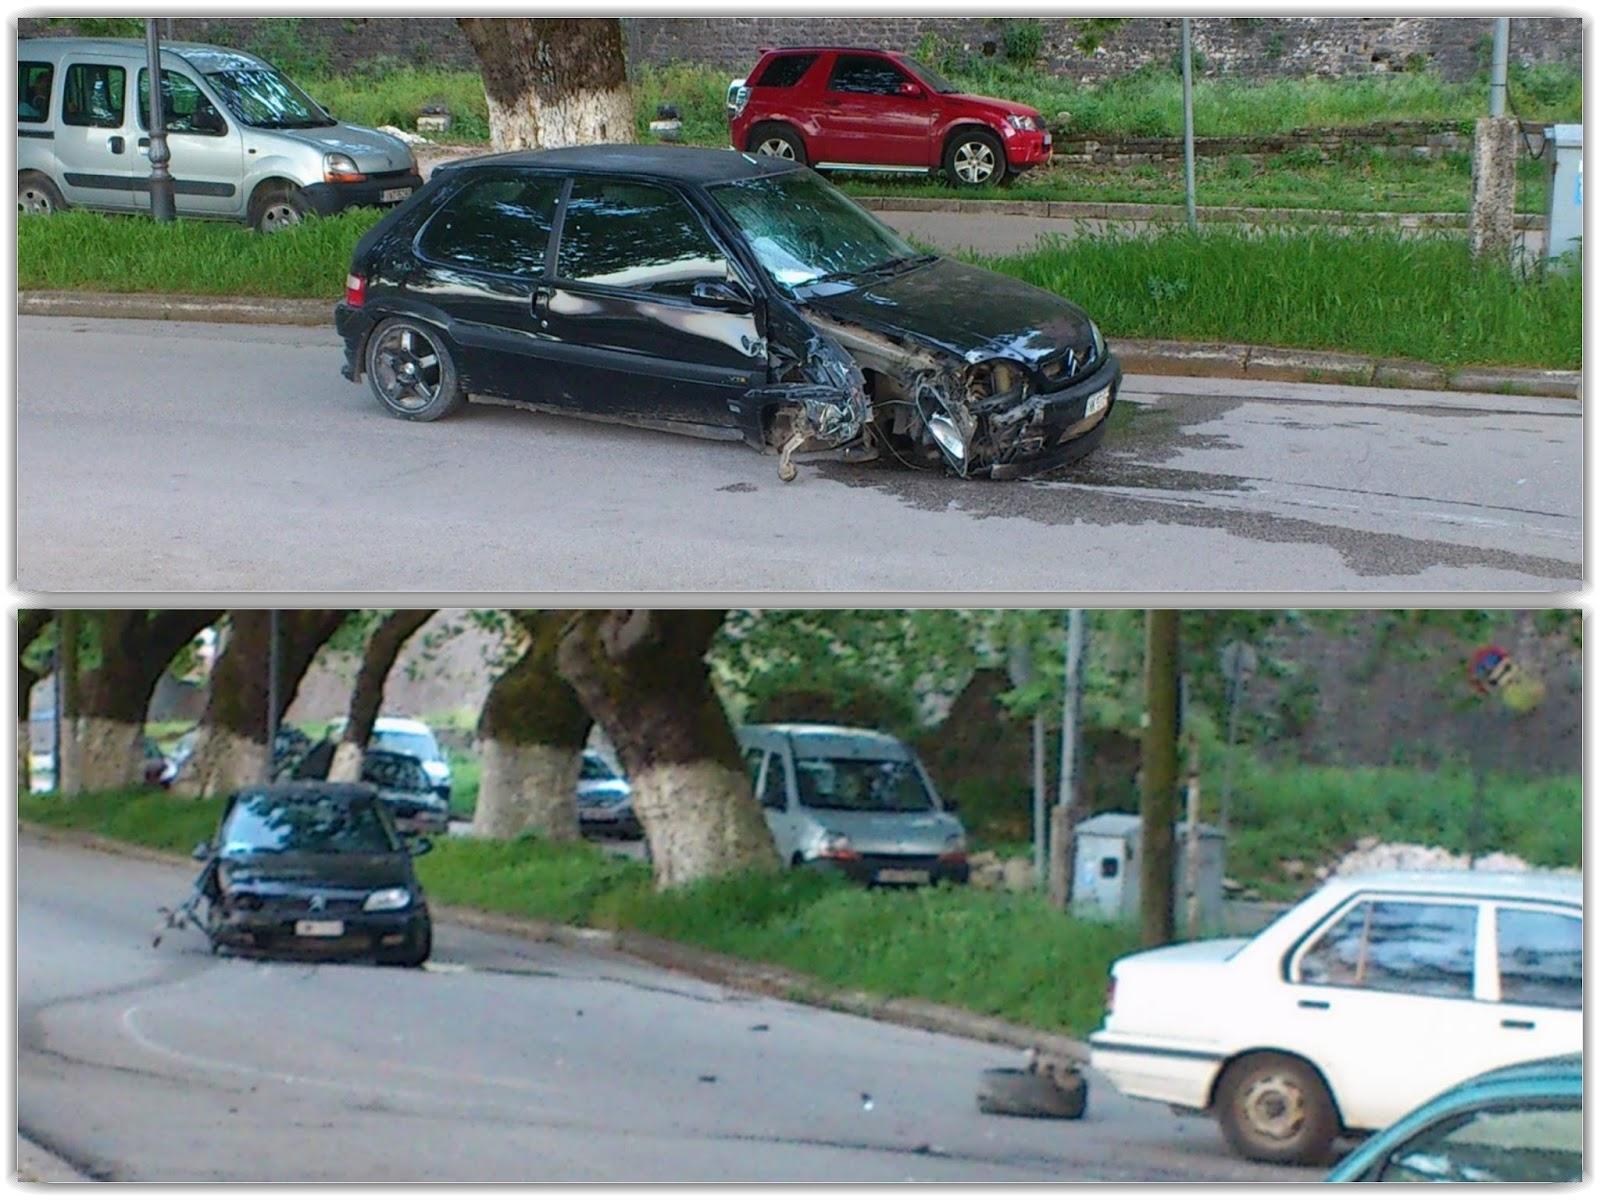 Ιωάννινα: Πρόσκρουση αυτοκινήτου σε άλλο σταθμευμένο στον Παραλίμνιο